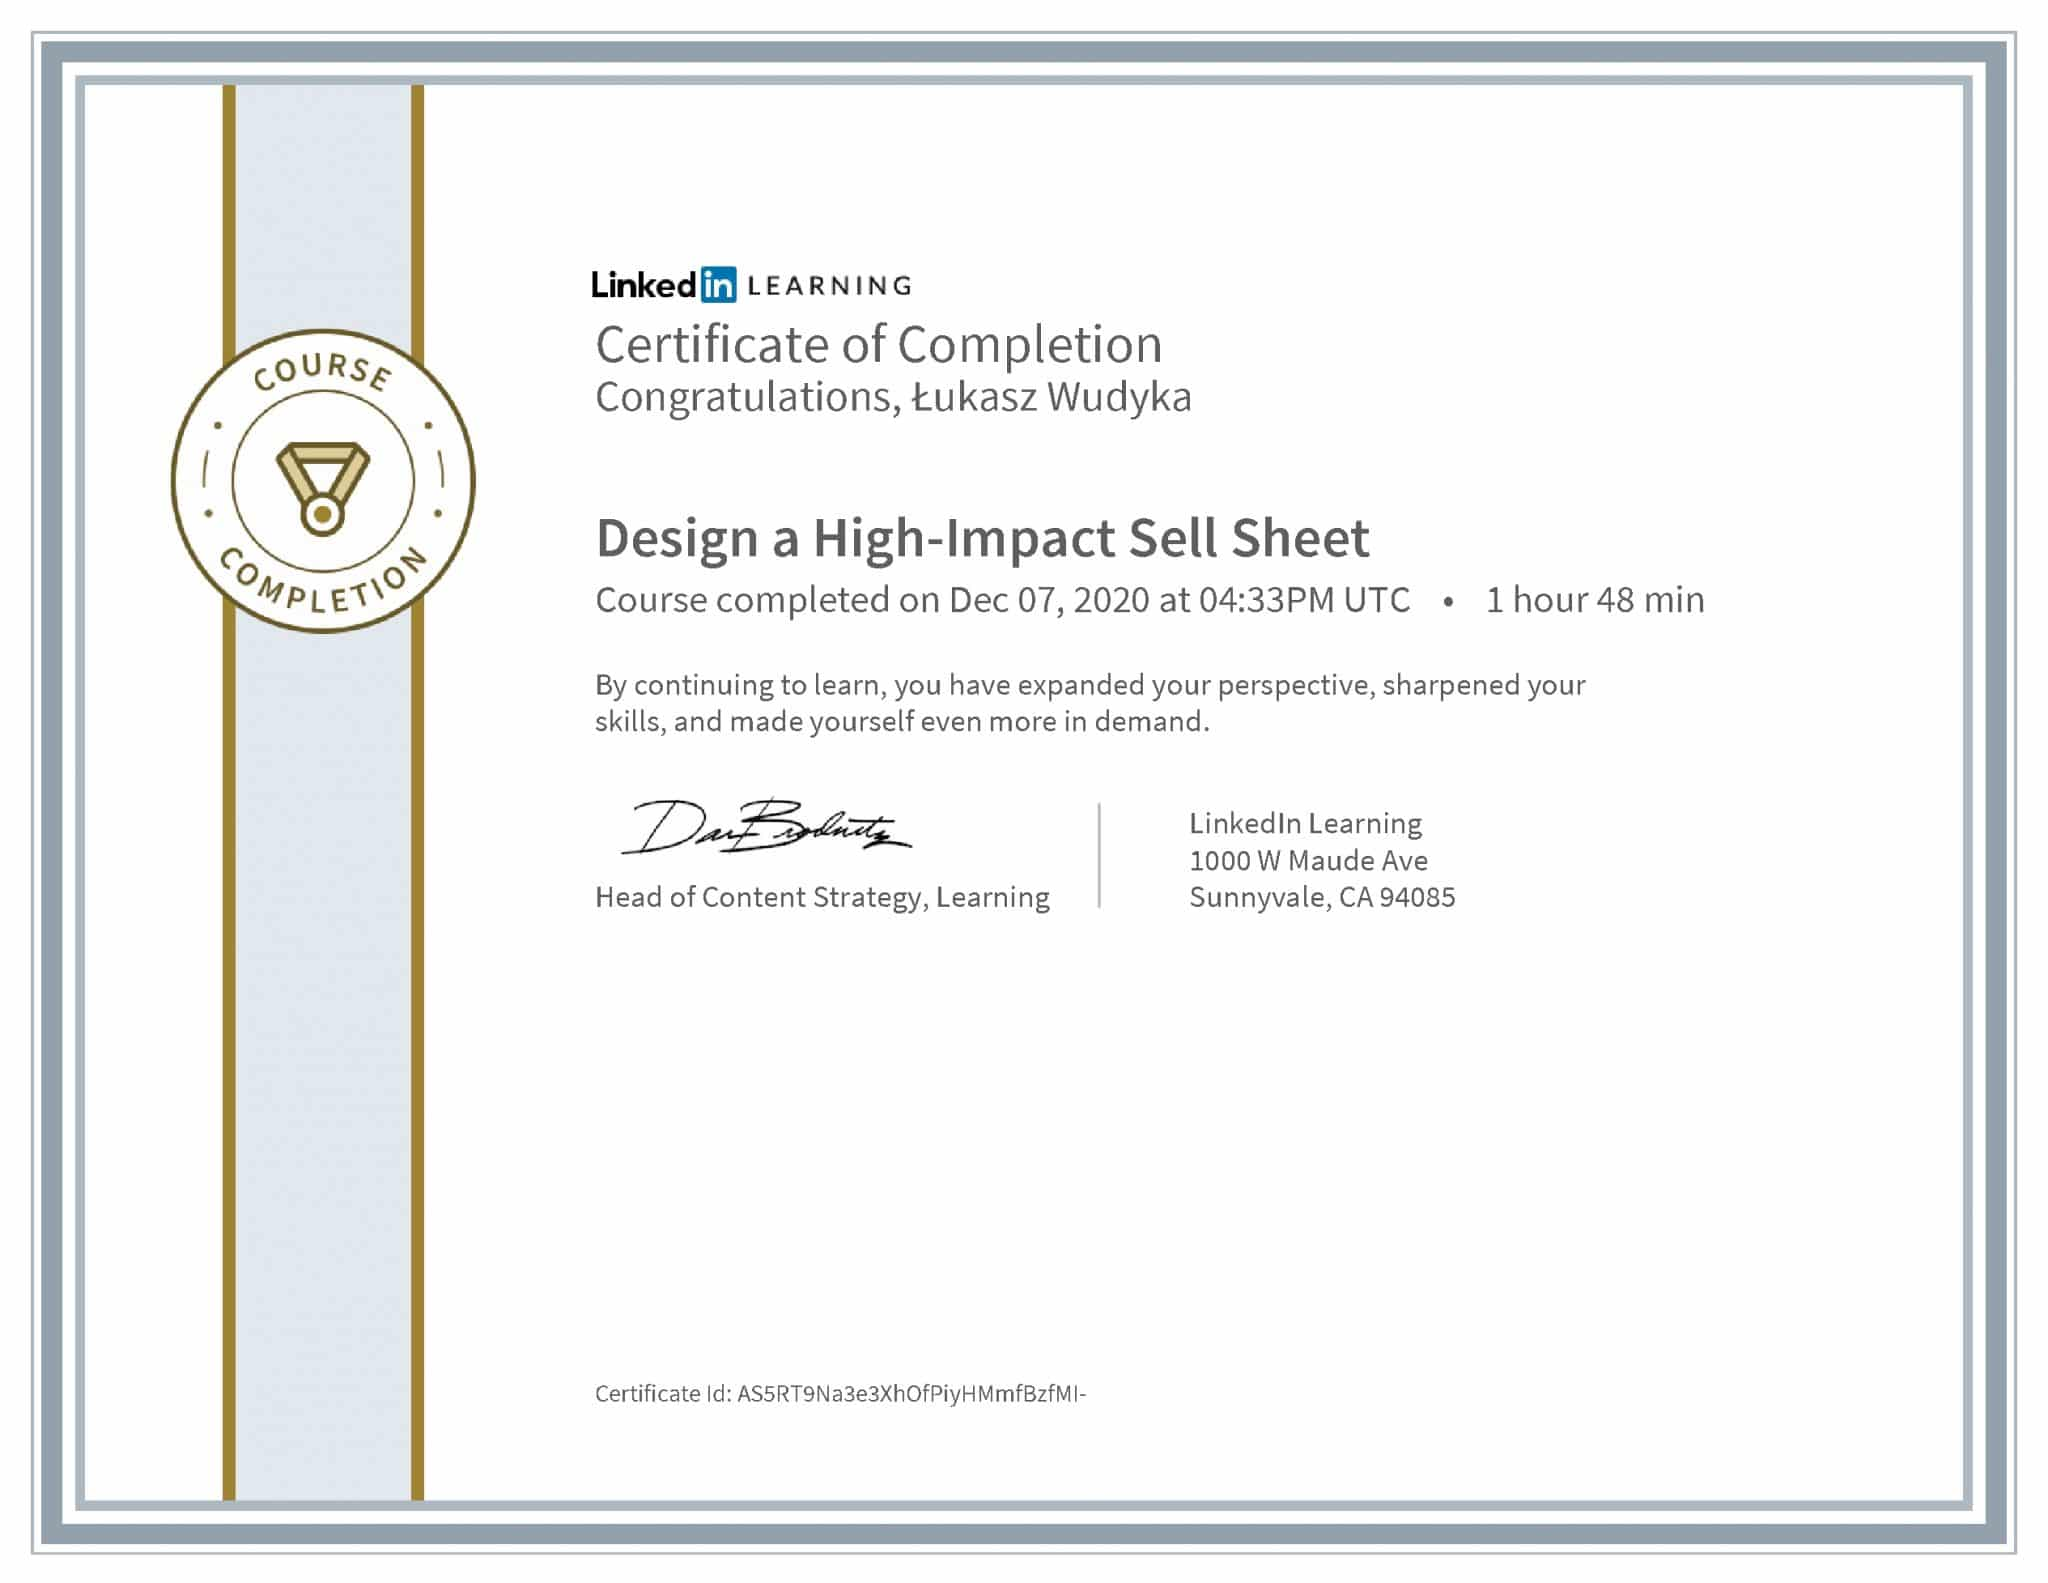 Łukasz Wudyka certyfikat LinkedIn Design a High-Impact Sell Sheet